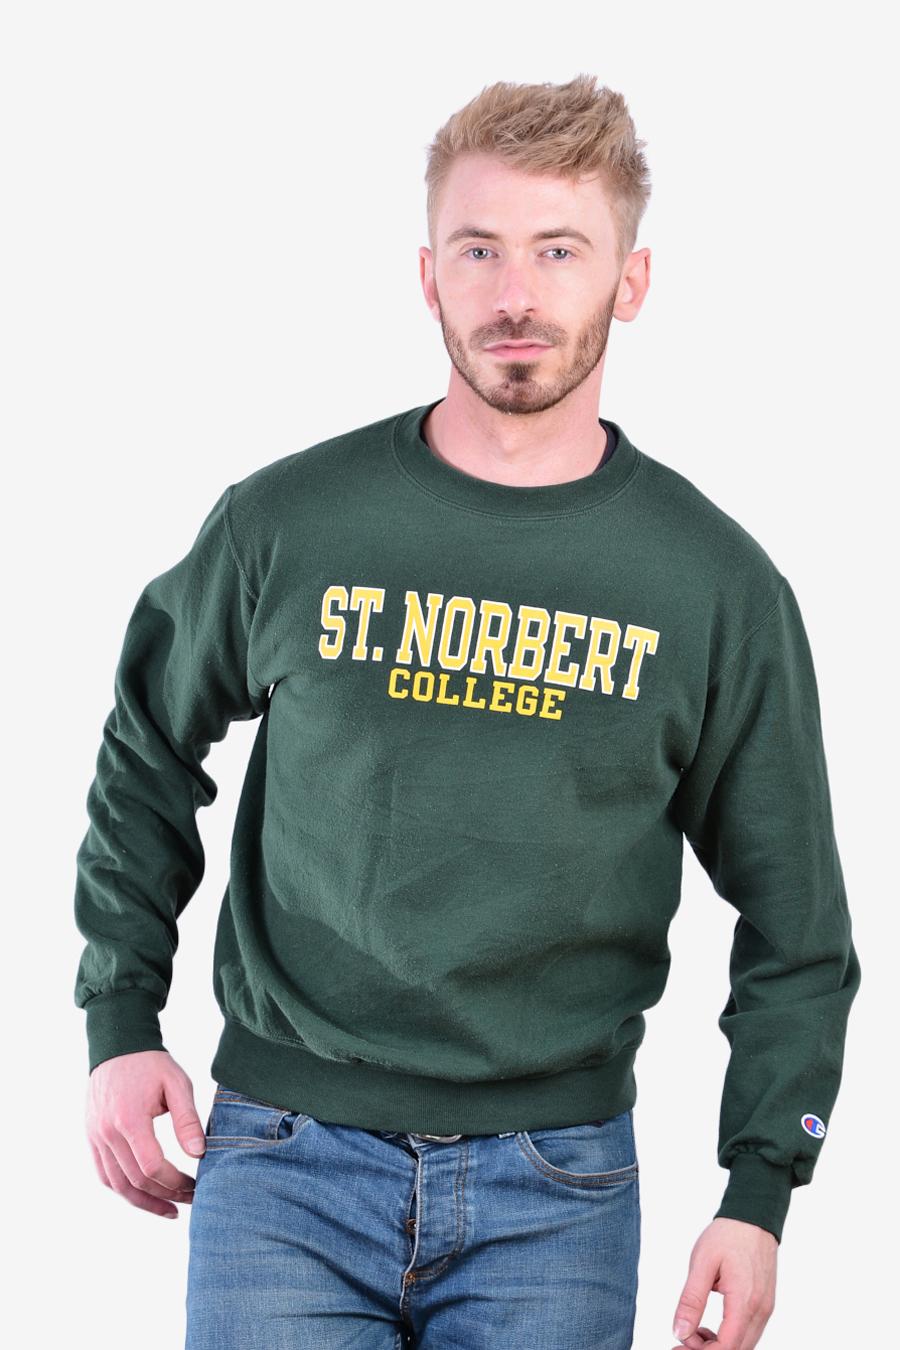 Vintage St.Norbert College sweatshirt